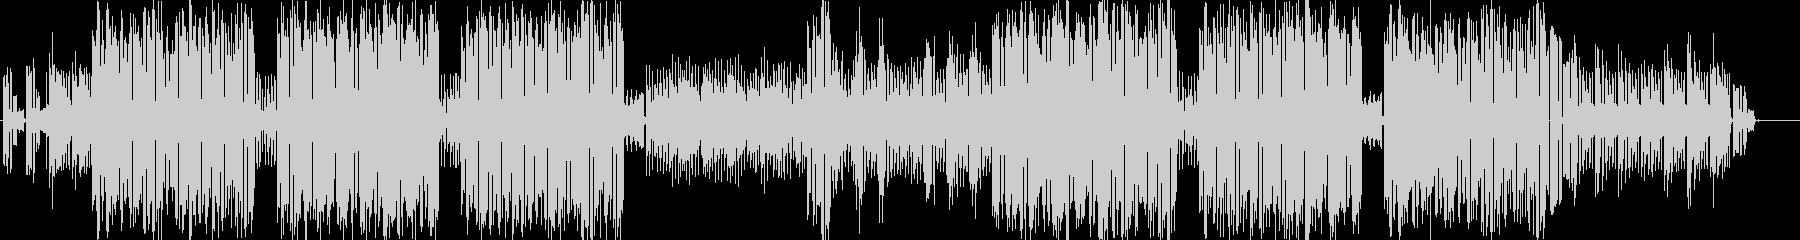 構造物の説明動画のBGMなどに最適な曲の未再生の波形